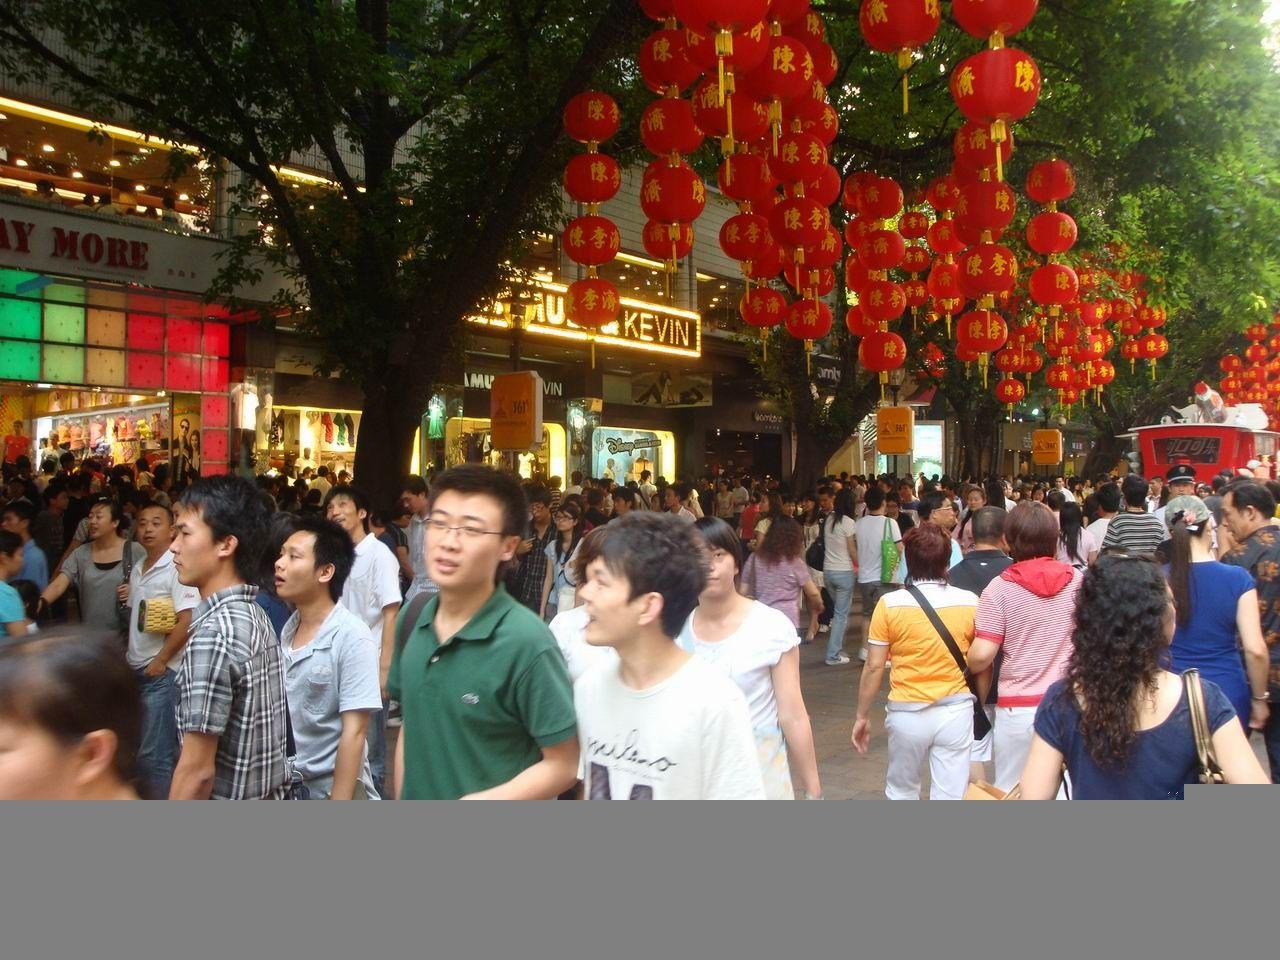 广州的商业步行街          - 兔子(游侠) - 钢铁长城坚不可摧!